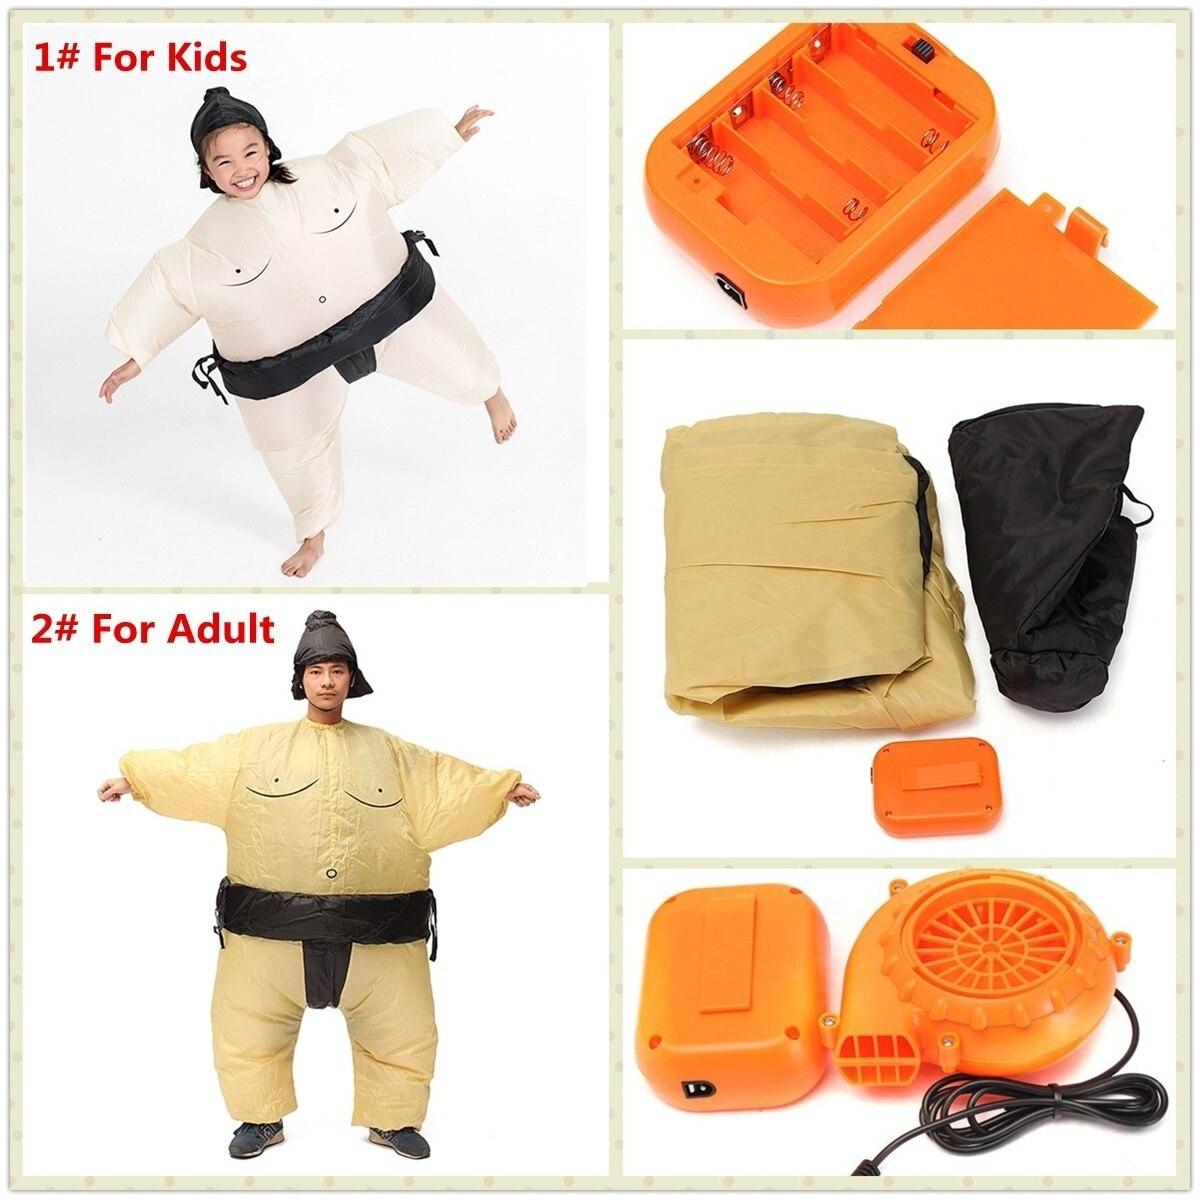 Blague Jouet Sumo Gonflable Vêtements Unisexe Adulte Enfants Parent-enfant Soutiens Jouets Drôle Big Fat Clotheslay